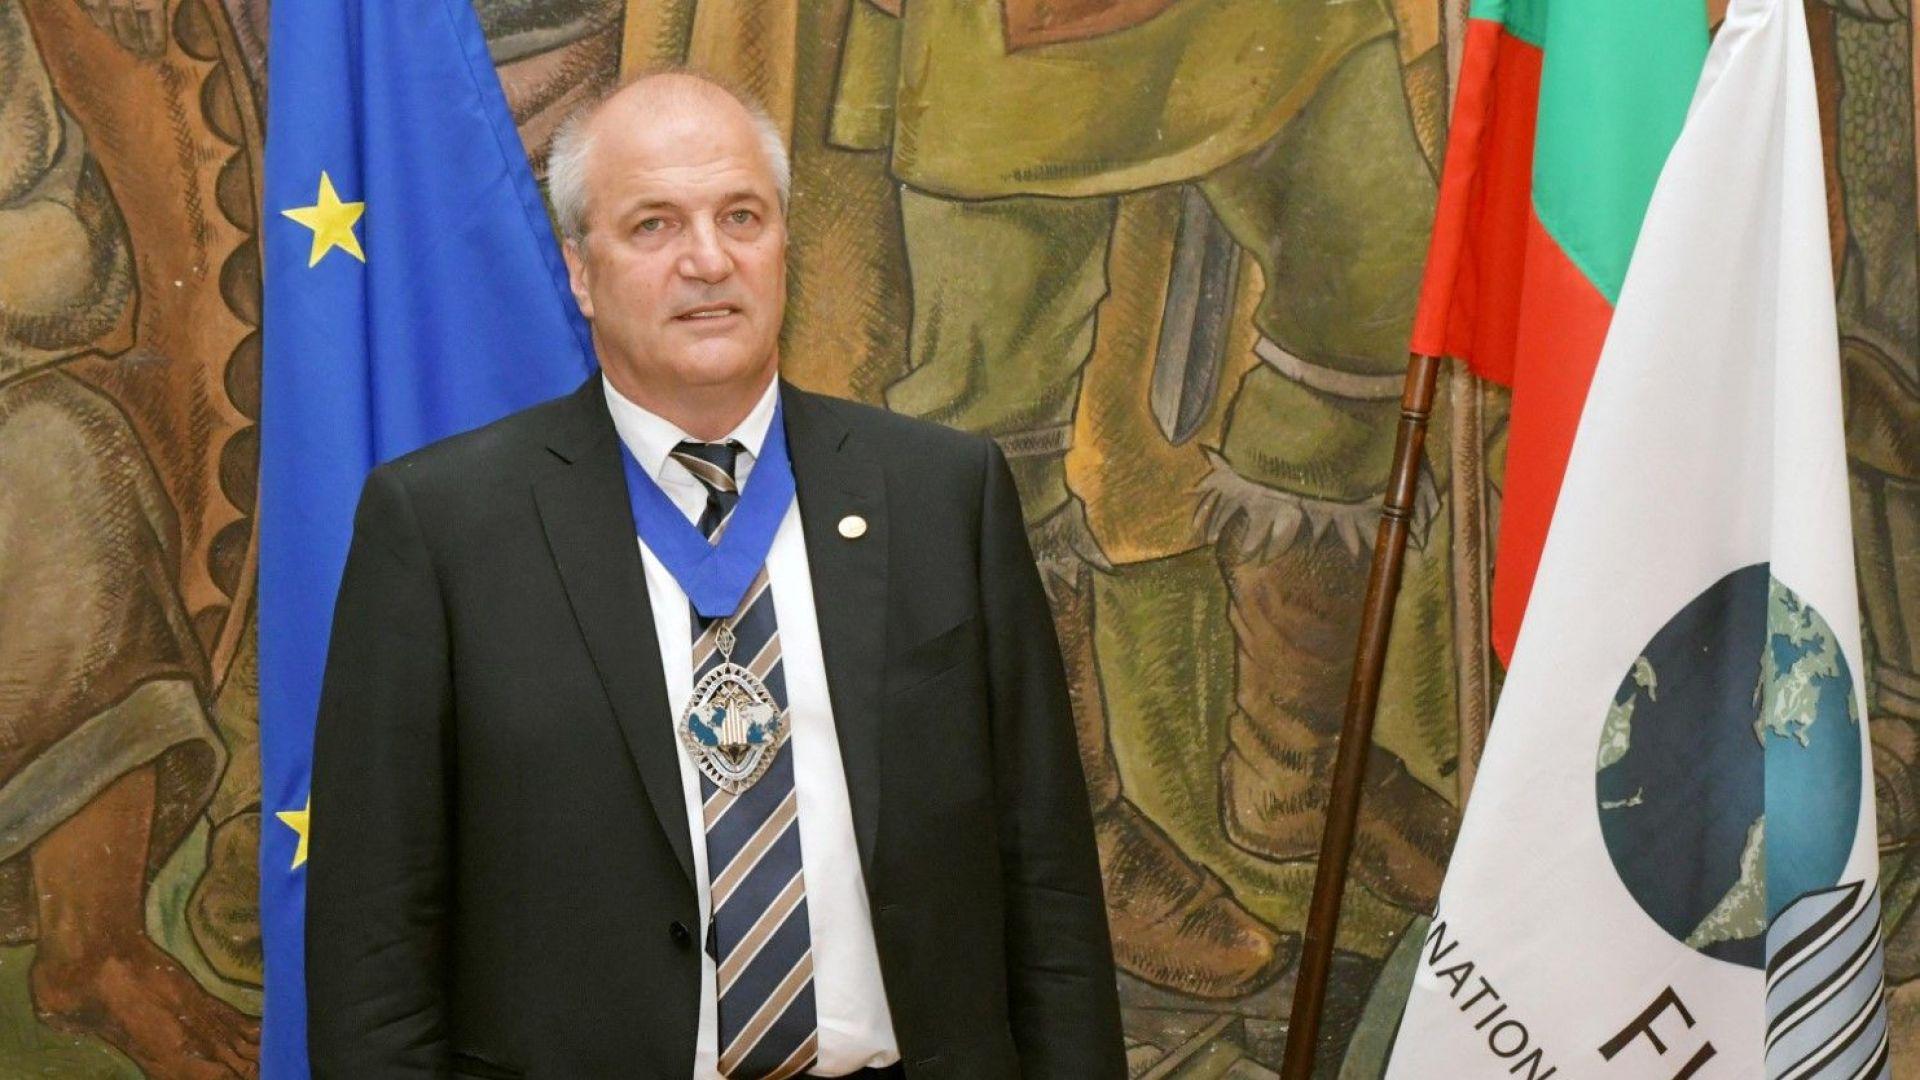 Асен Македонов оглави световната федерация за недвижими имоти FIABCI